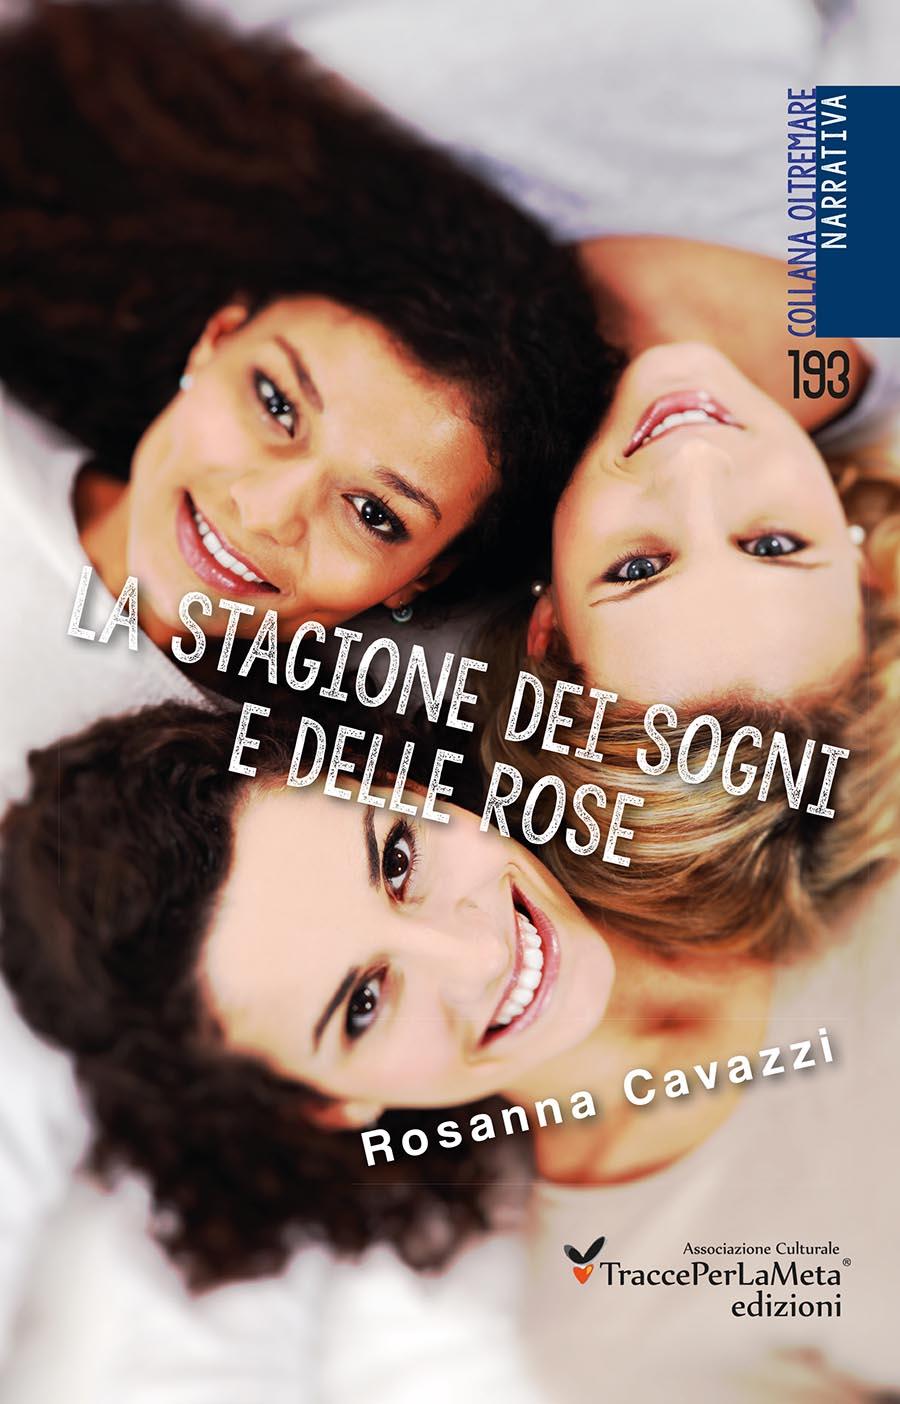 """7.10.2018 – """"La stagione dei sogni e delle rose"""" 1° Premio Rassegna Nazionale d'Arte e Letteratura di Torre del Lago Puccini"""